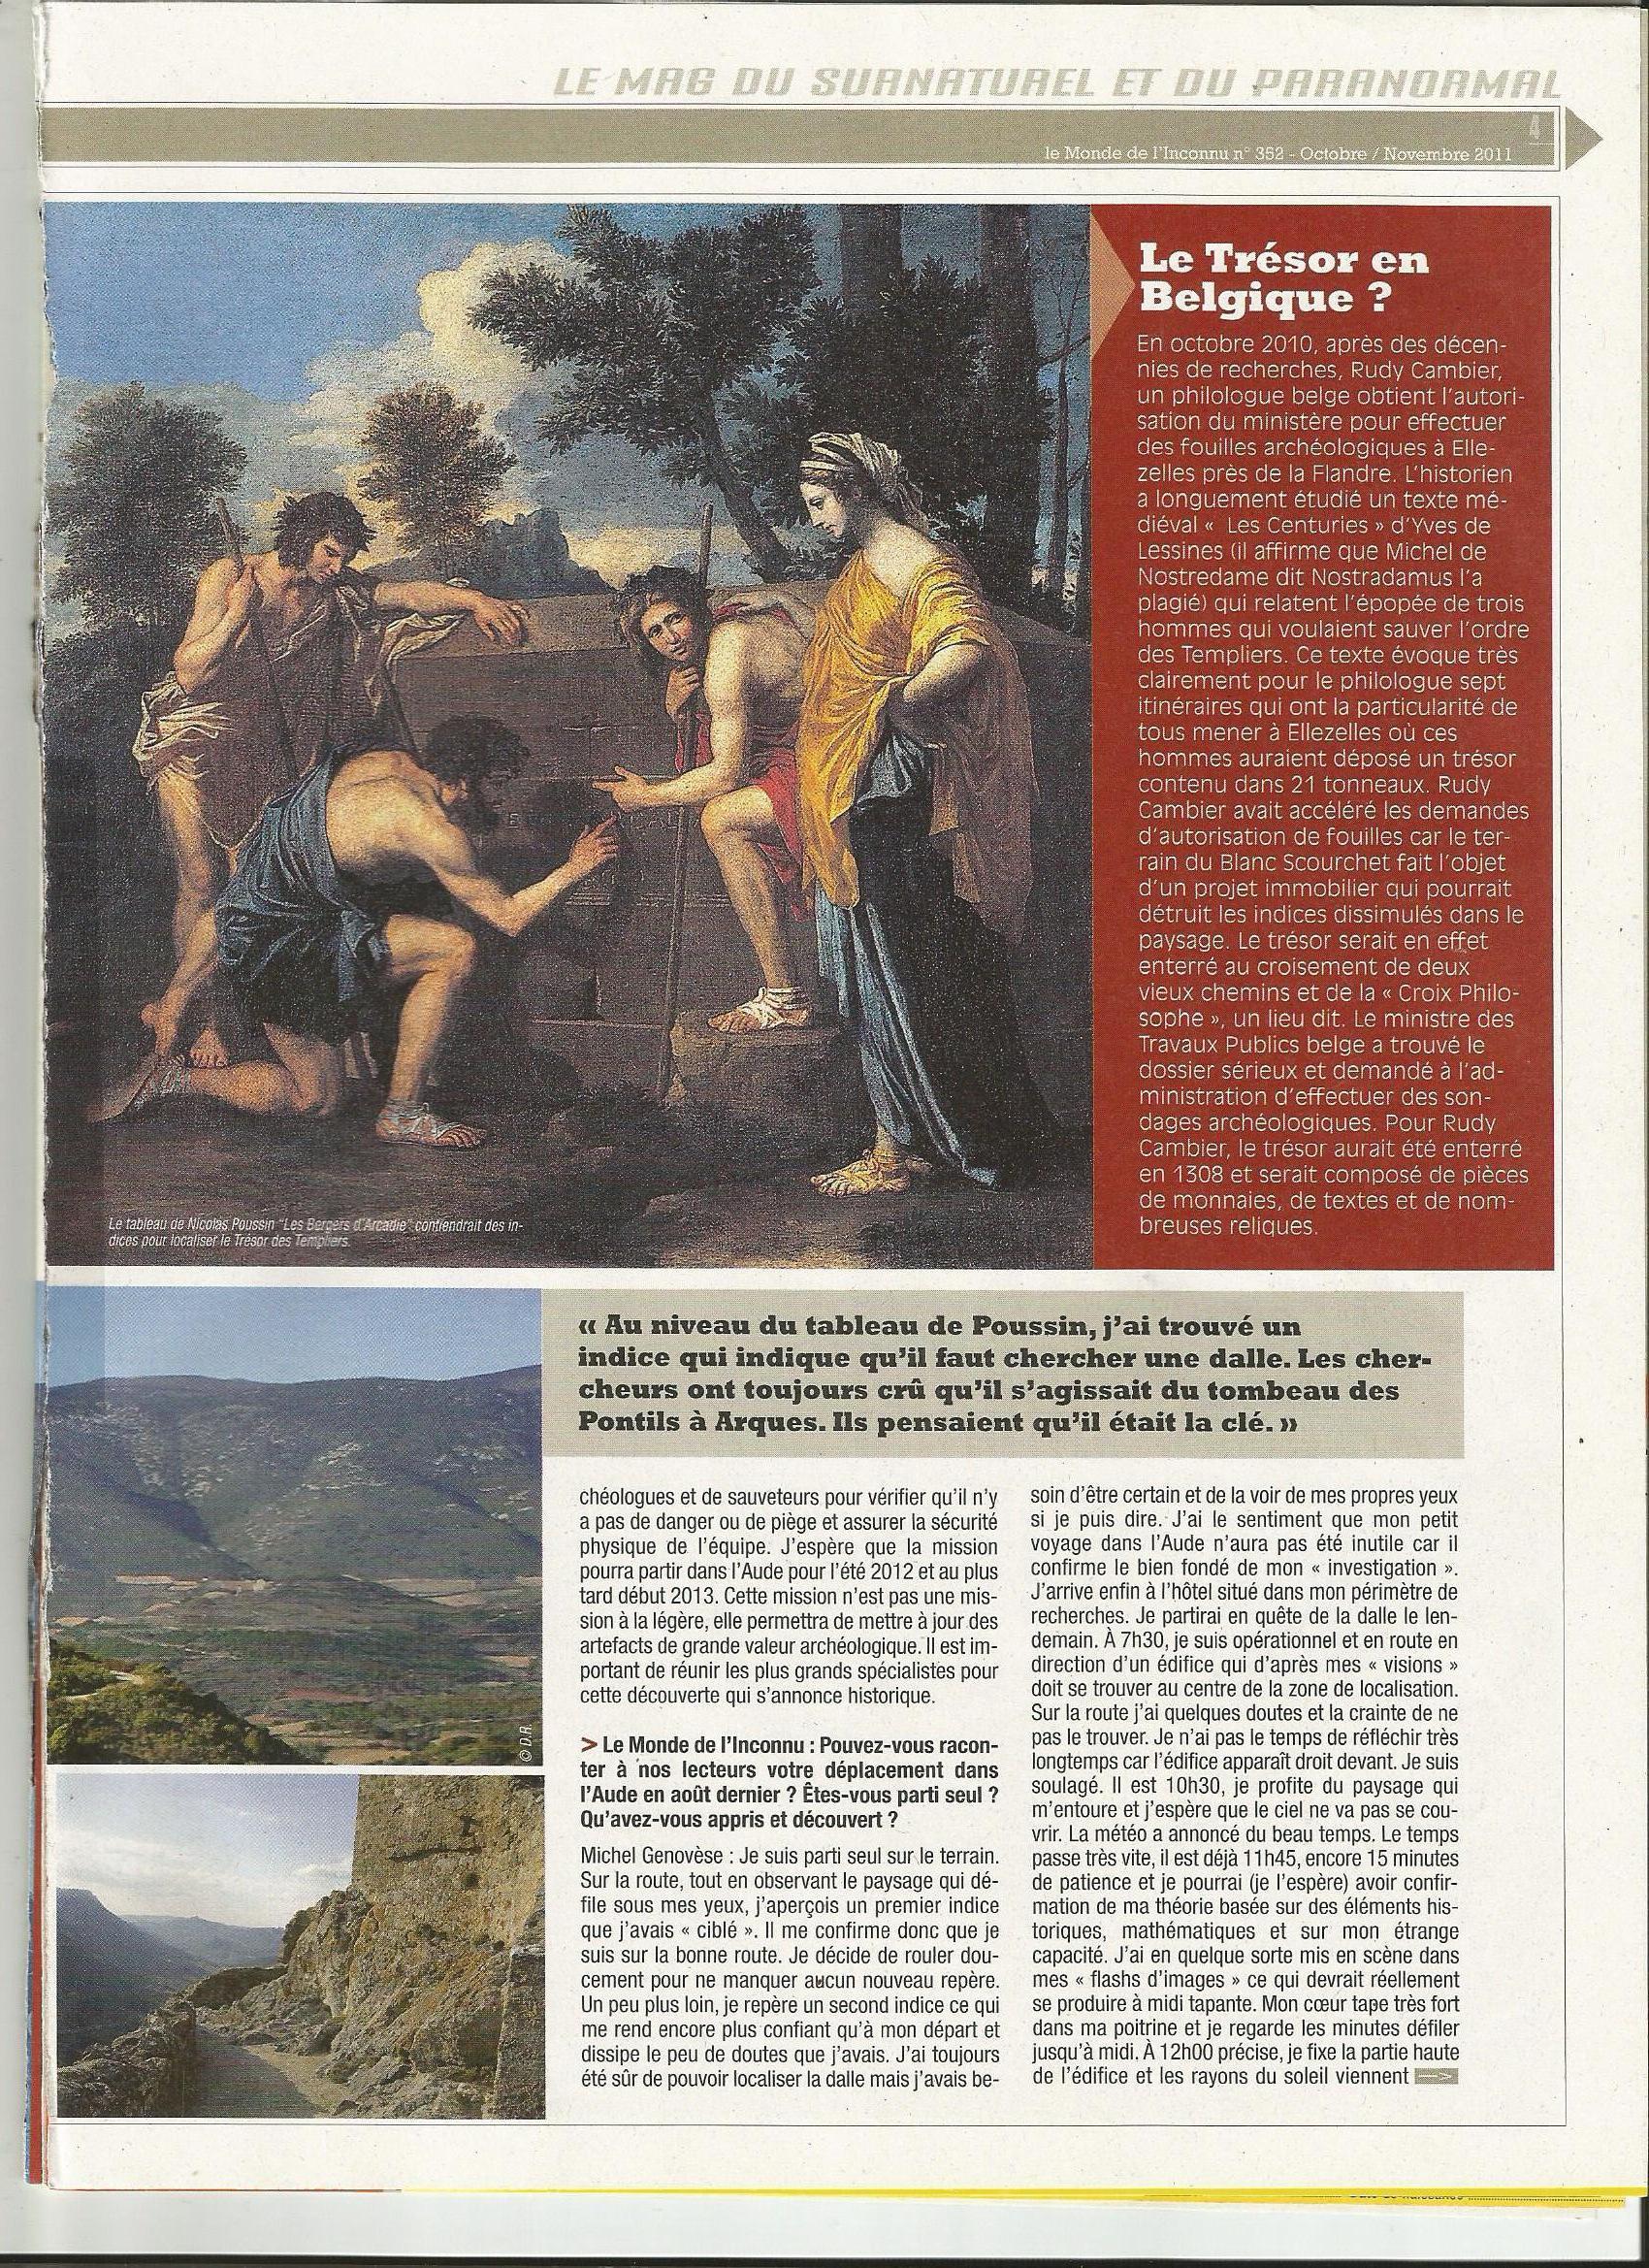 MONDE_INCONNU_N°352-ARTICLE_TEMPLIER-2